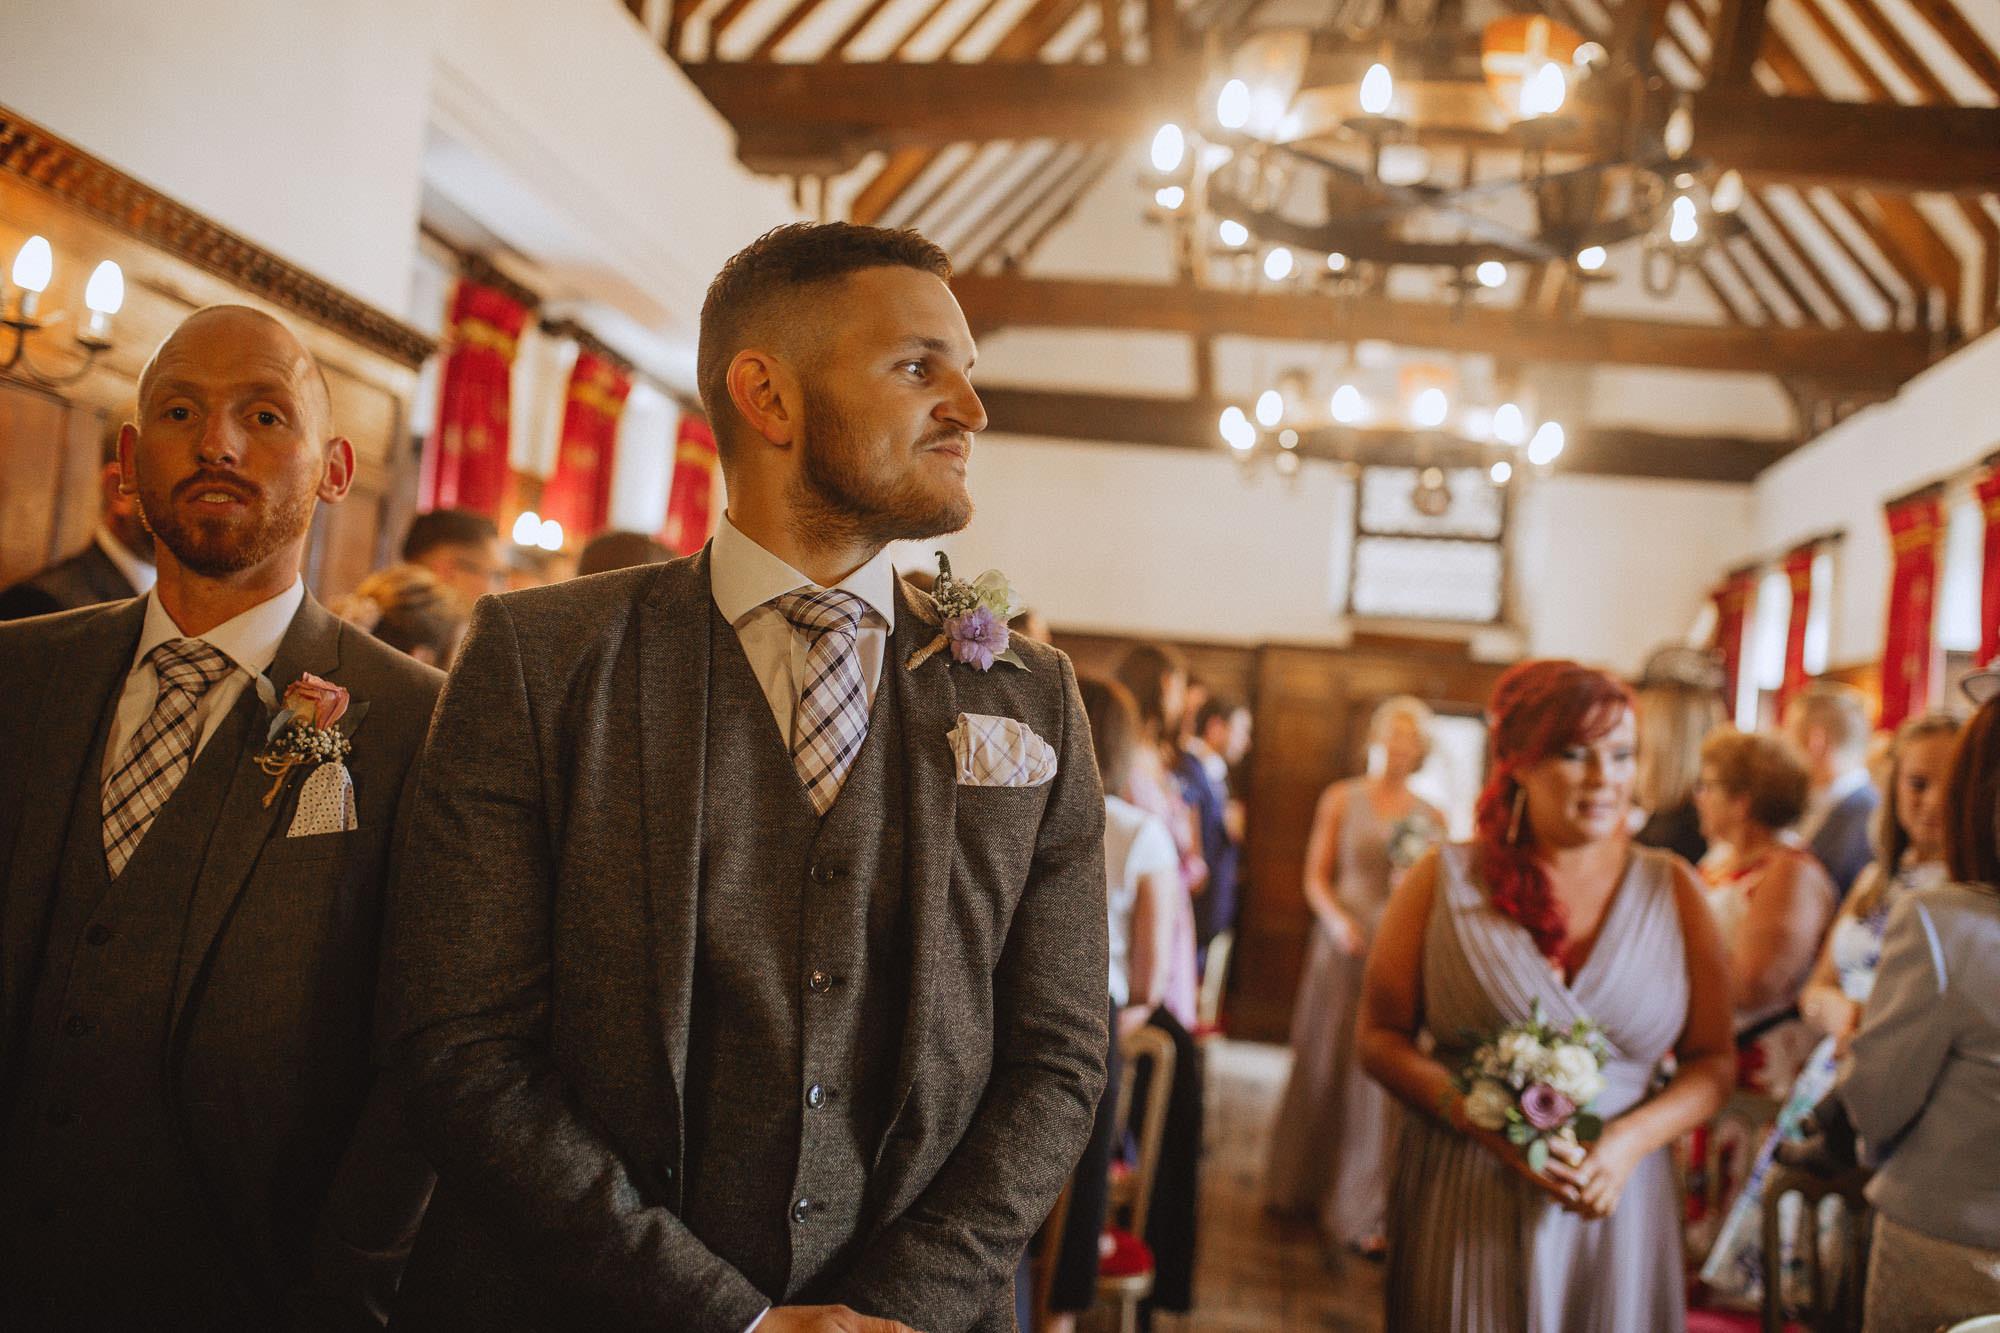 Groombridge-place-wedding-photography-25.jpg